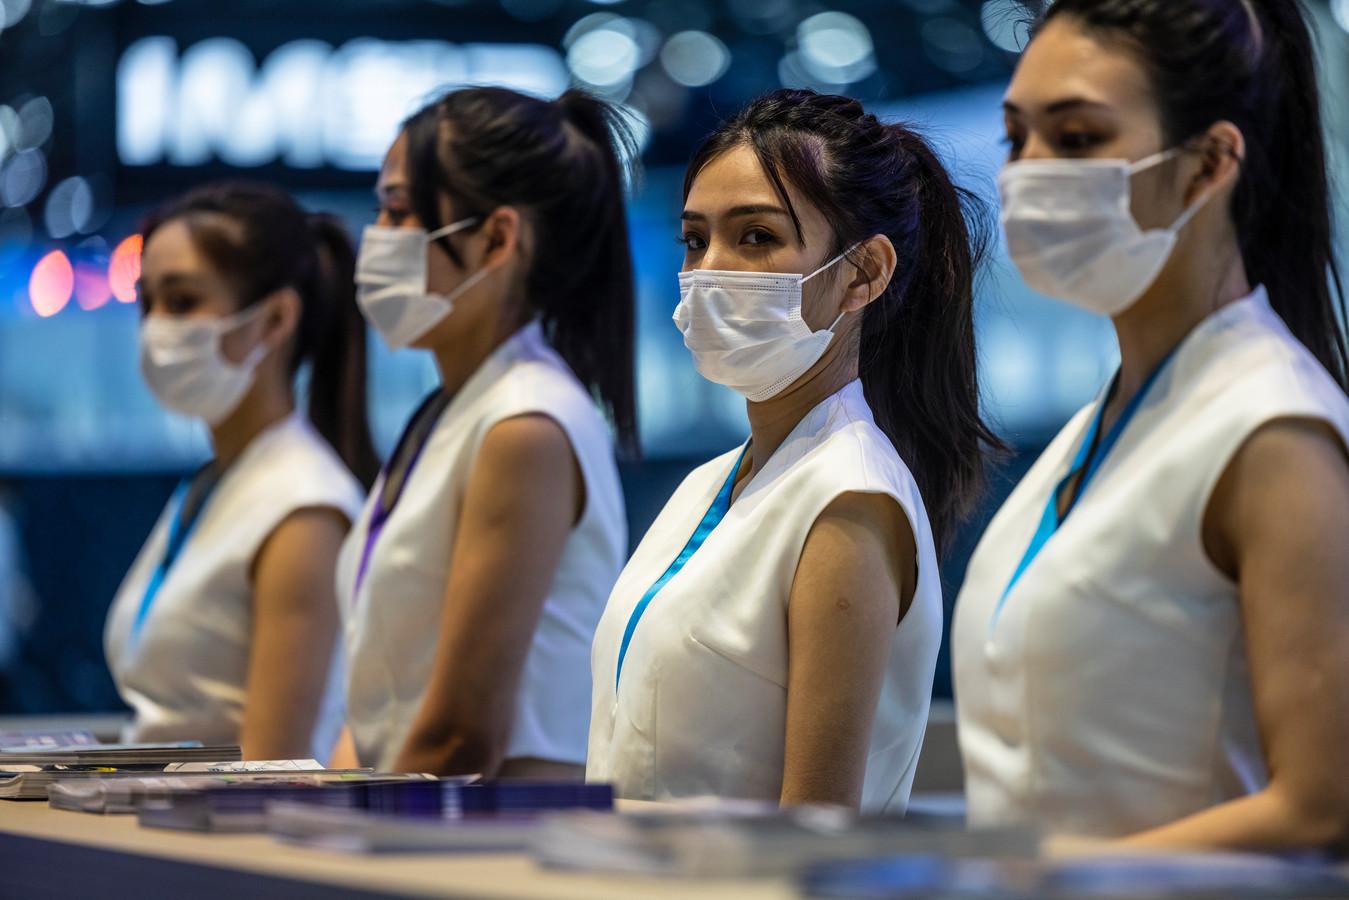 Gastvrouwen op de stands dragen steevast mondkapjes.